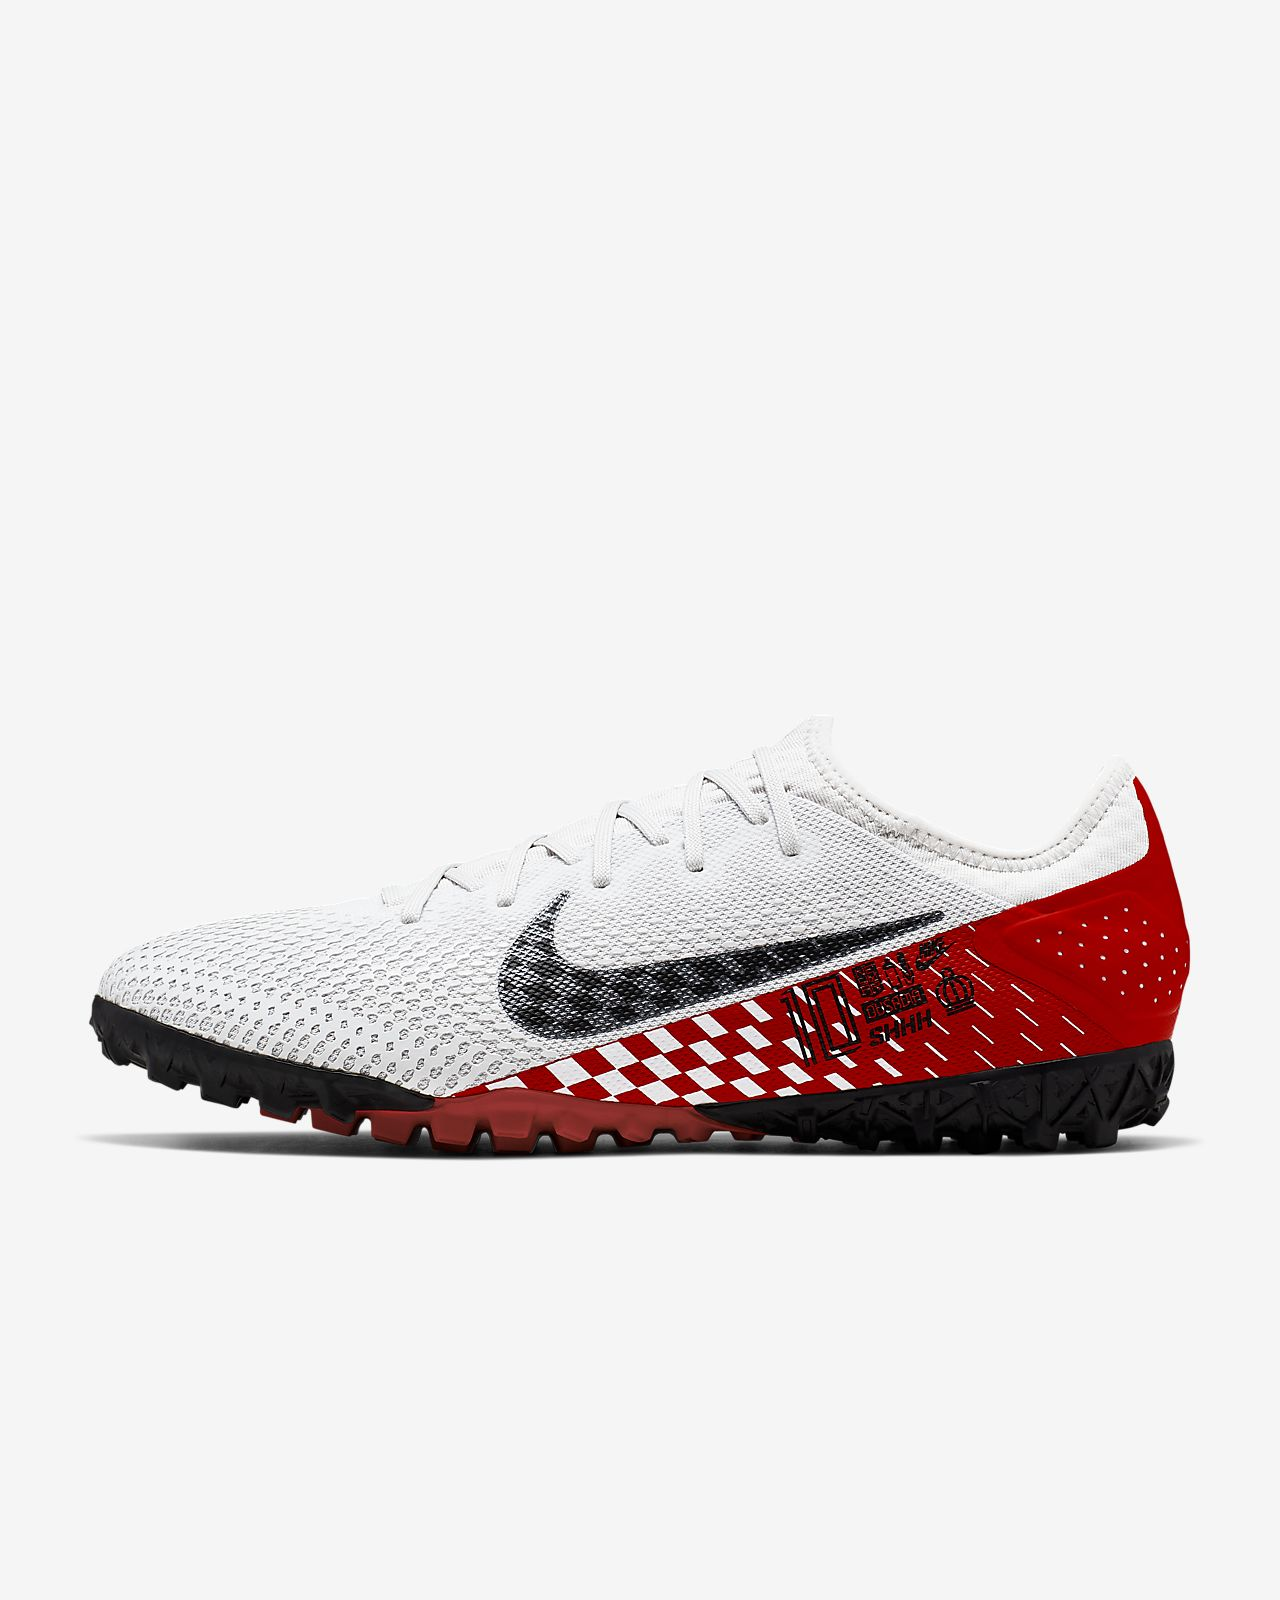 Fotbollssko för grus/turf Nike Mercurial Vapor 13 Pro Neymar Jr. TF